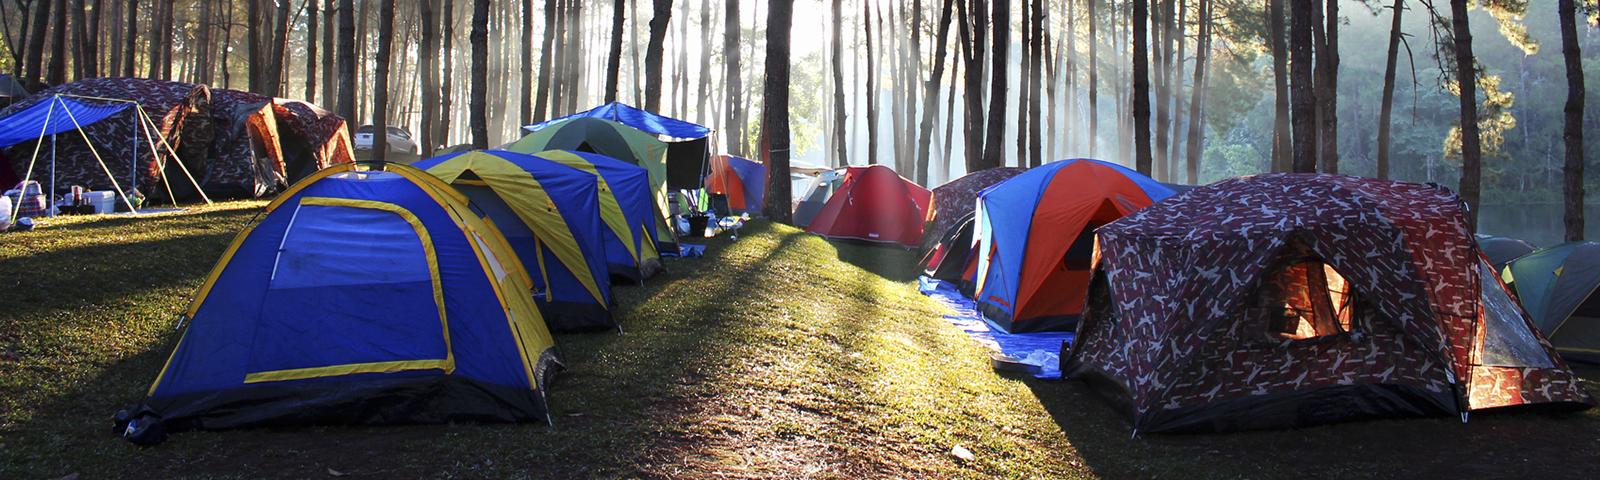 палаточный городок фото